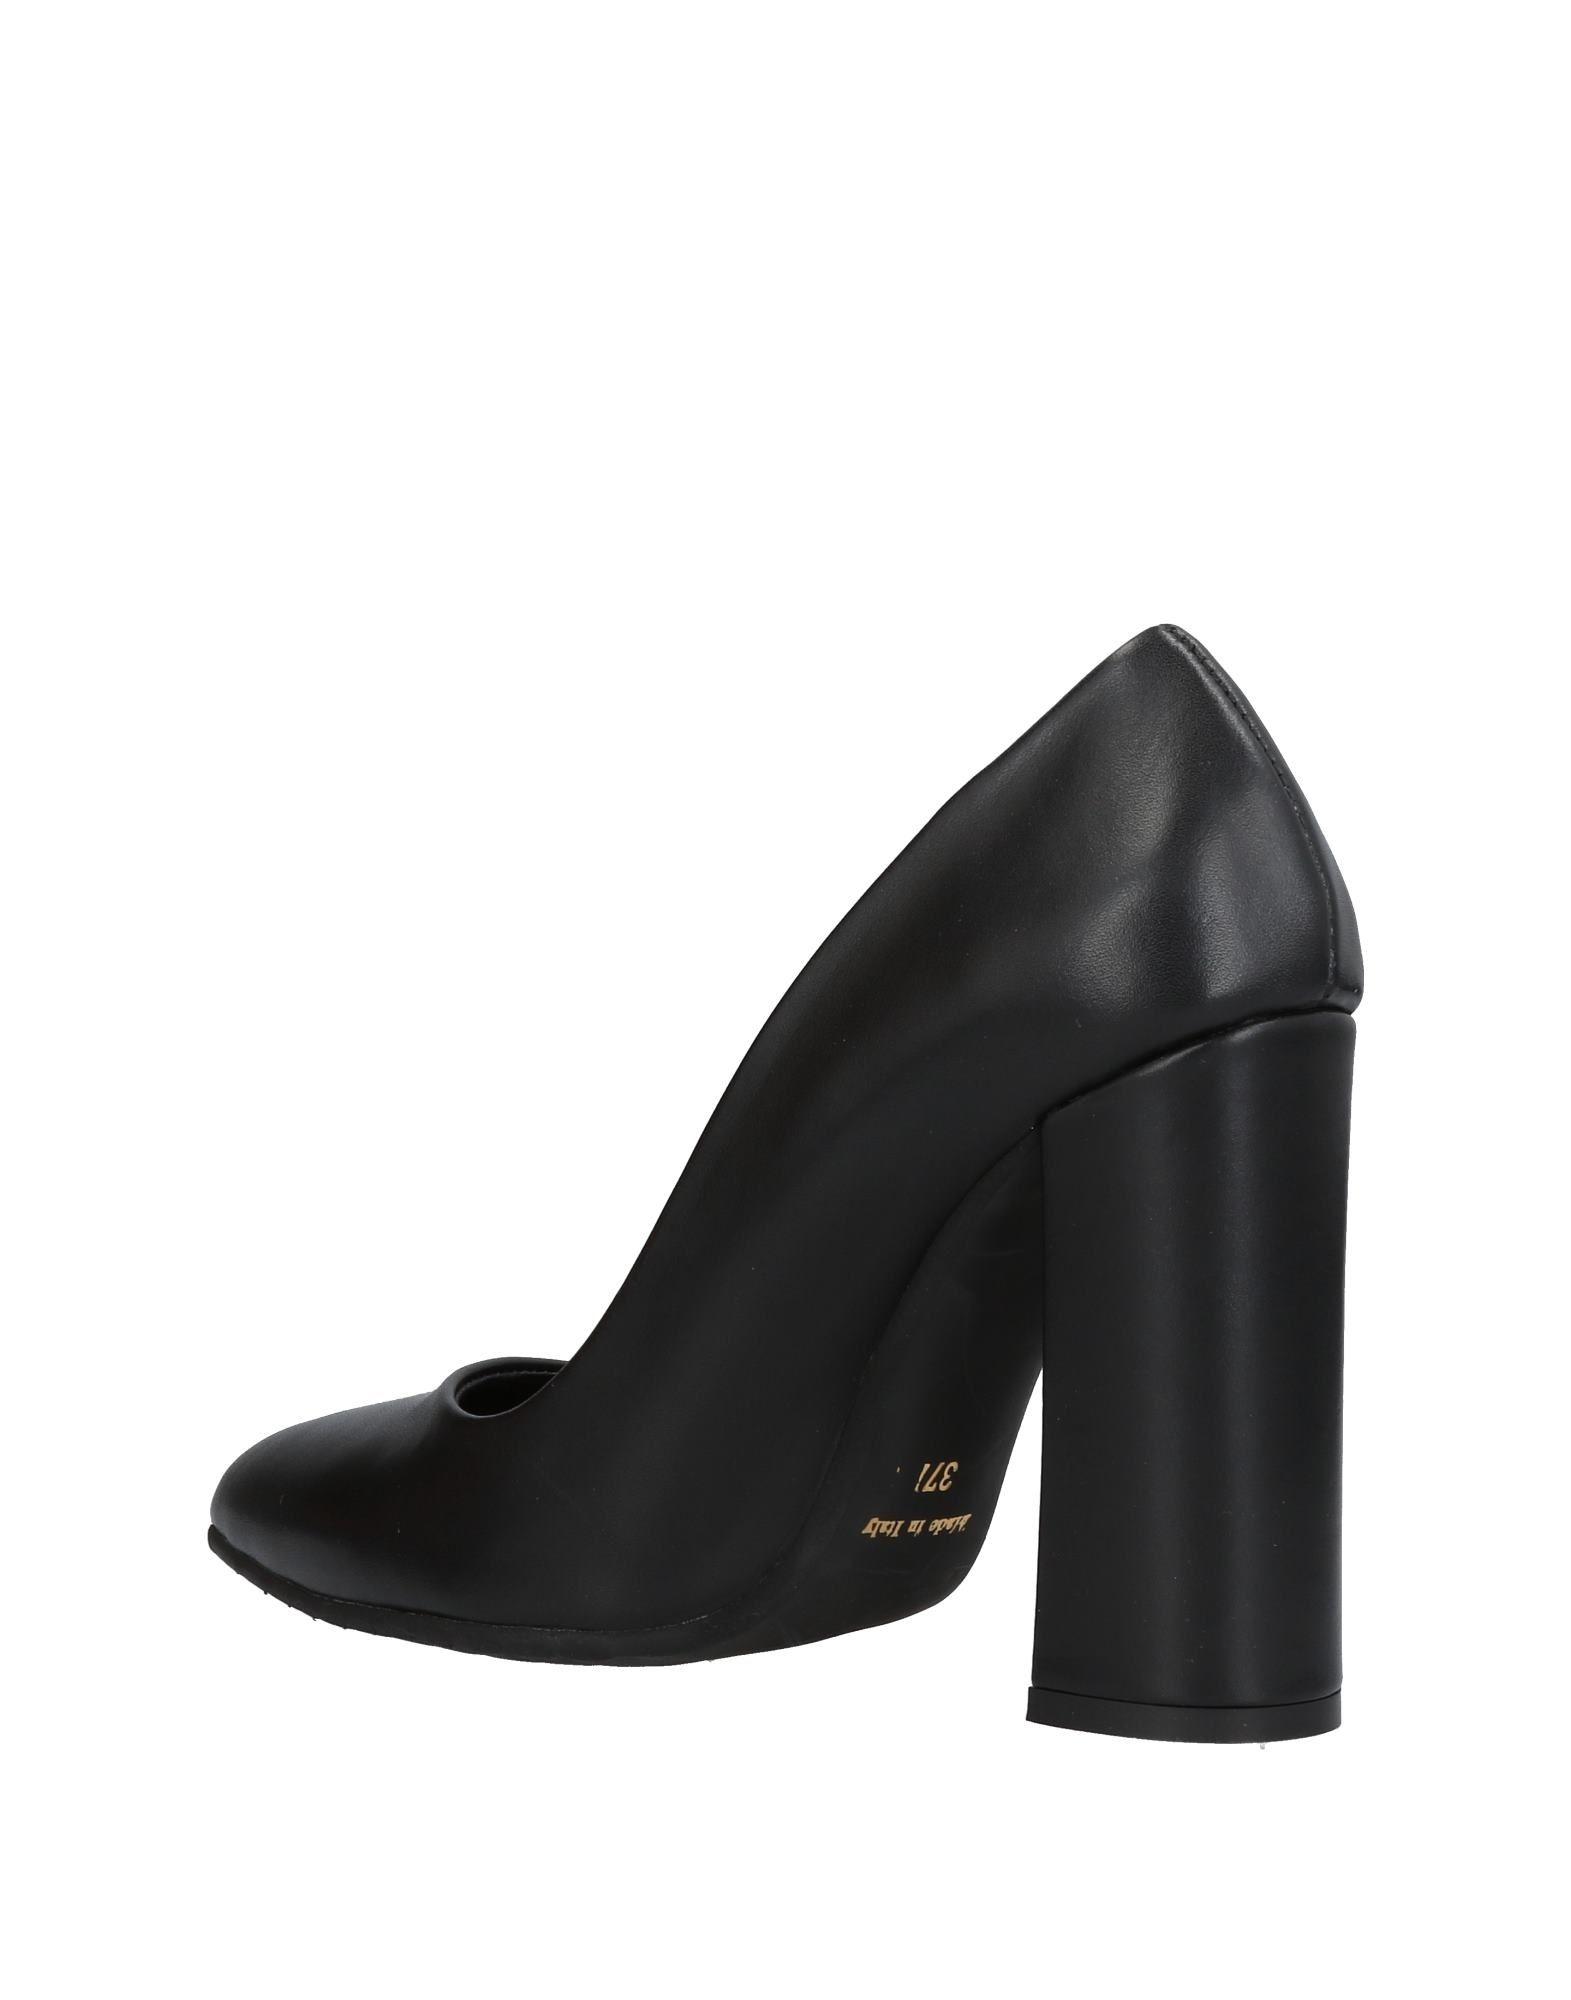 Silvian Heach Pumps Damen beliebte  11456378RM Gute Qualität beliebte Damen Schuhe f8176f